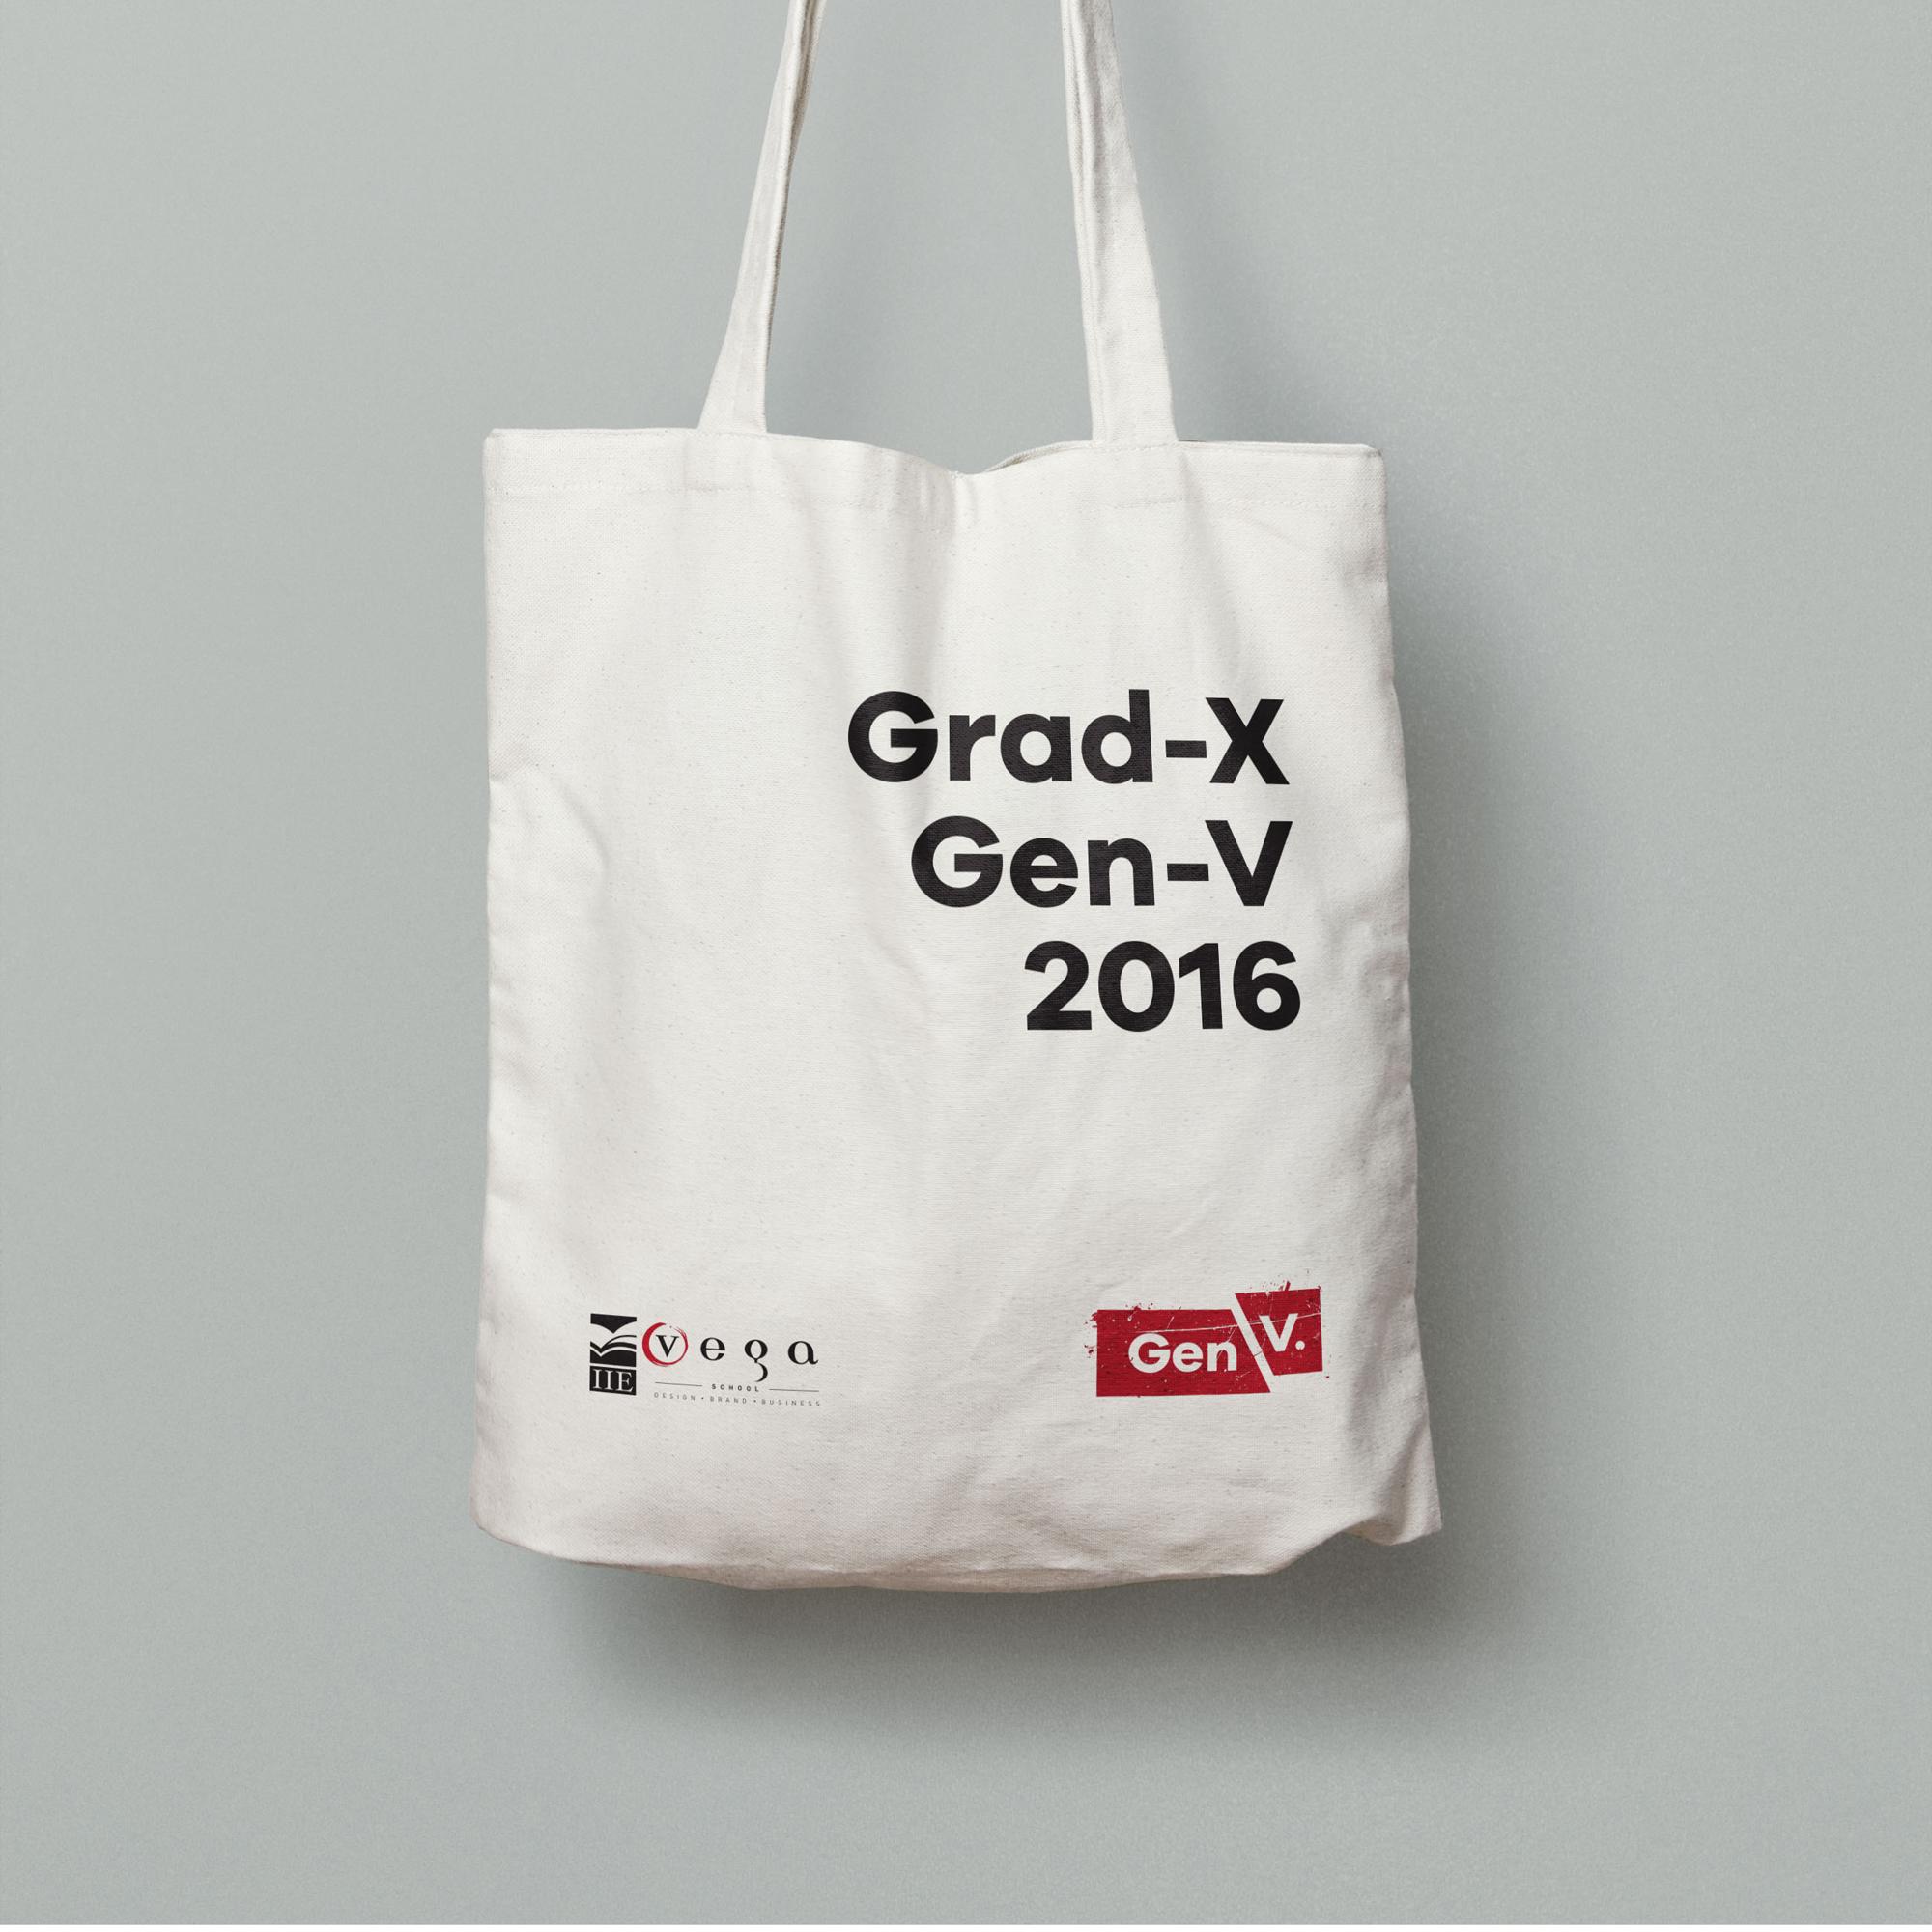 Gen-V Tote Bag